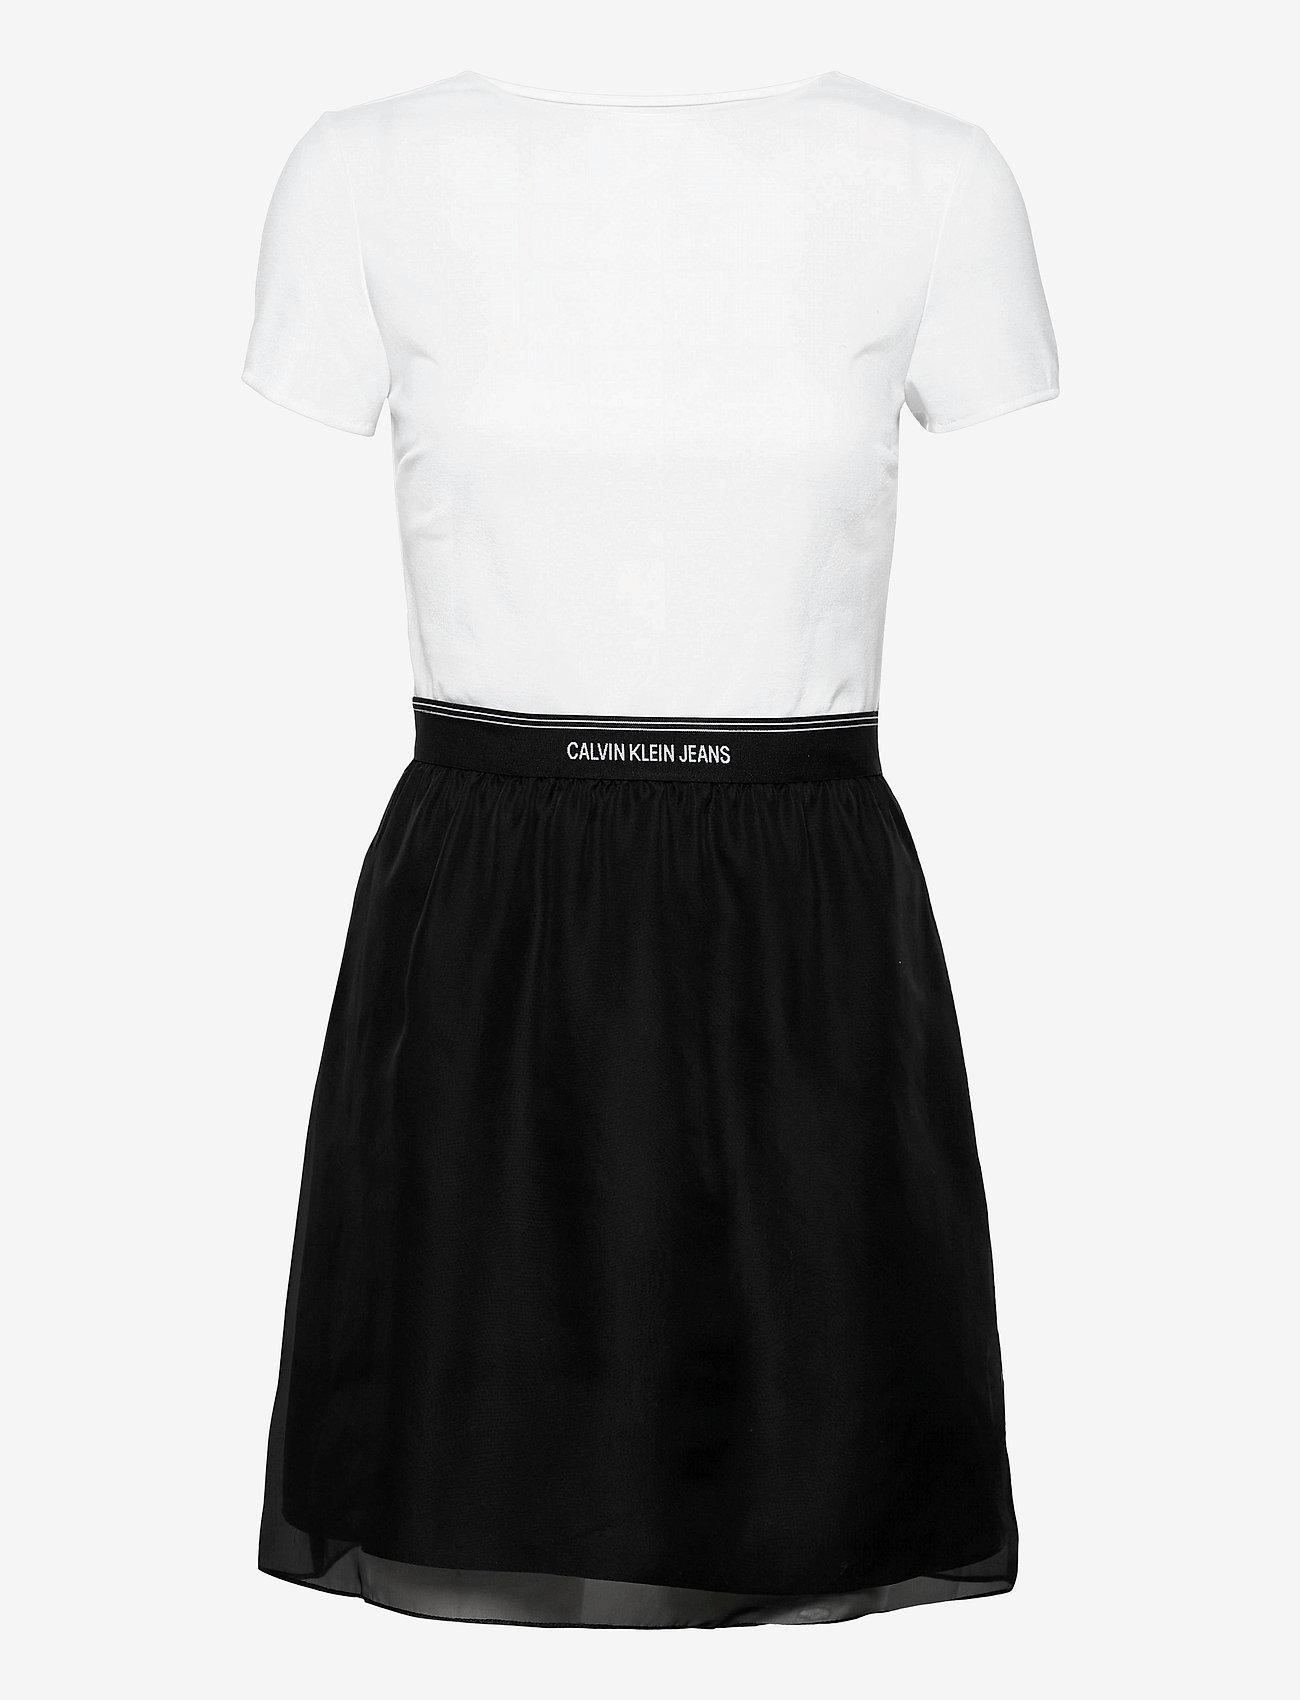 Calvin Klein Jeans - LOGO WAISTBAND DRESS - hverdagskjoler - bright white - 0